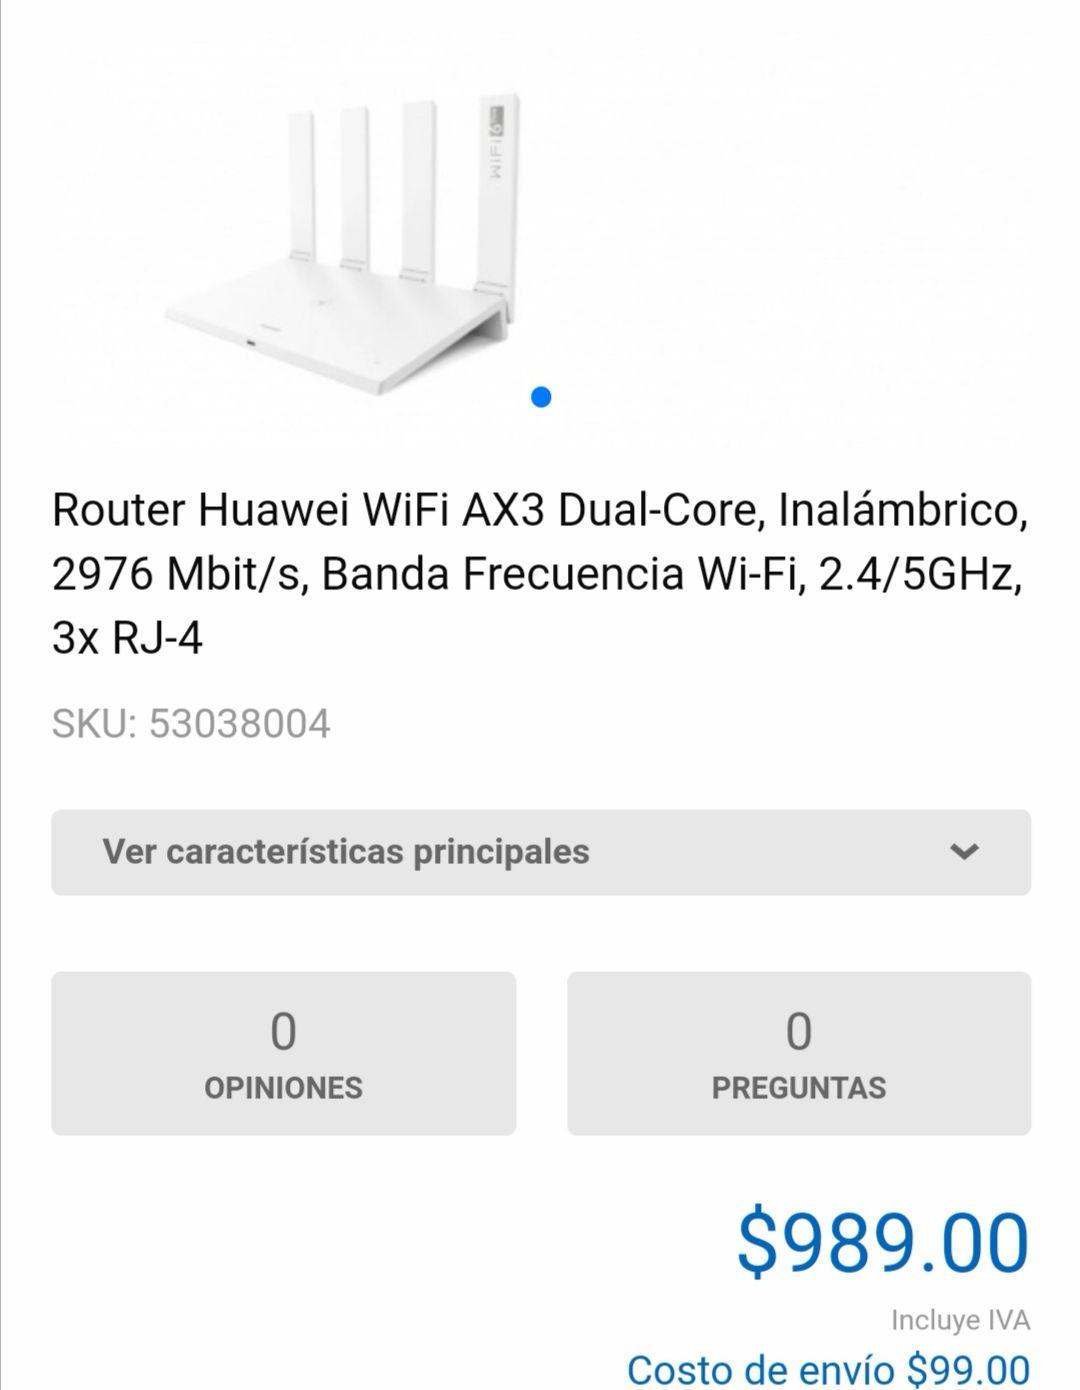 CyberPuerta: Router huawei AX3 dual core wifi 6+ en cyberpuerta